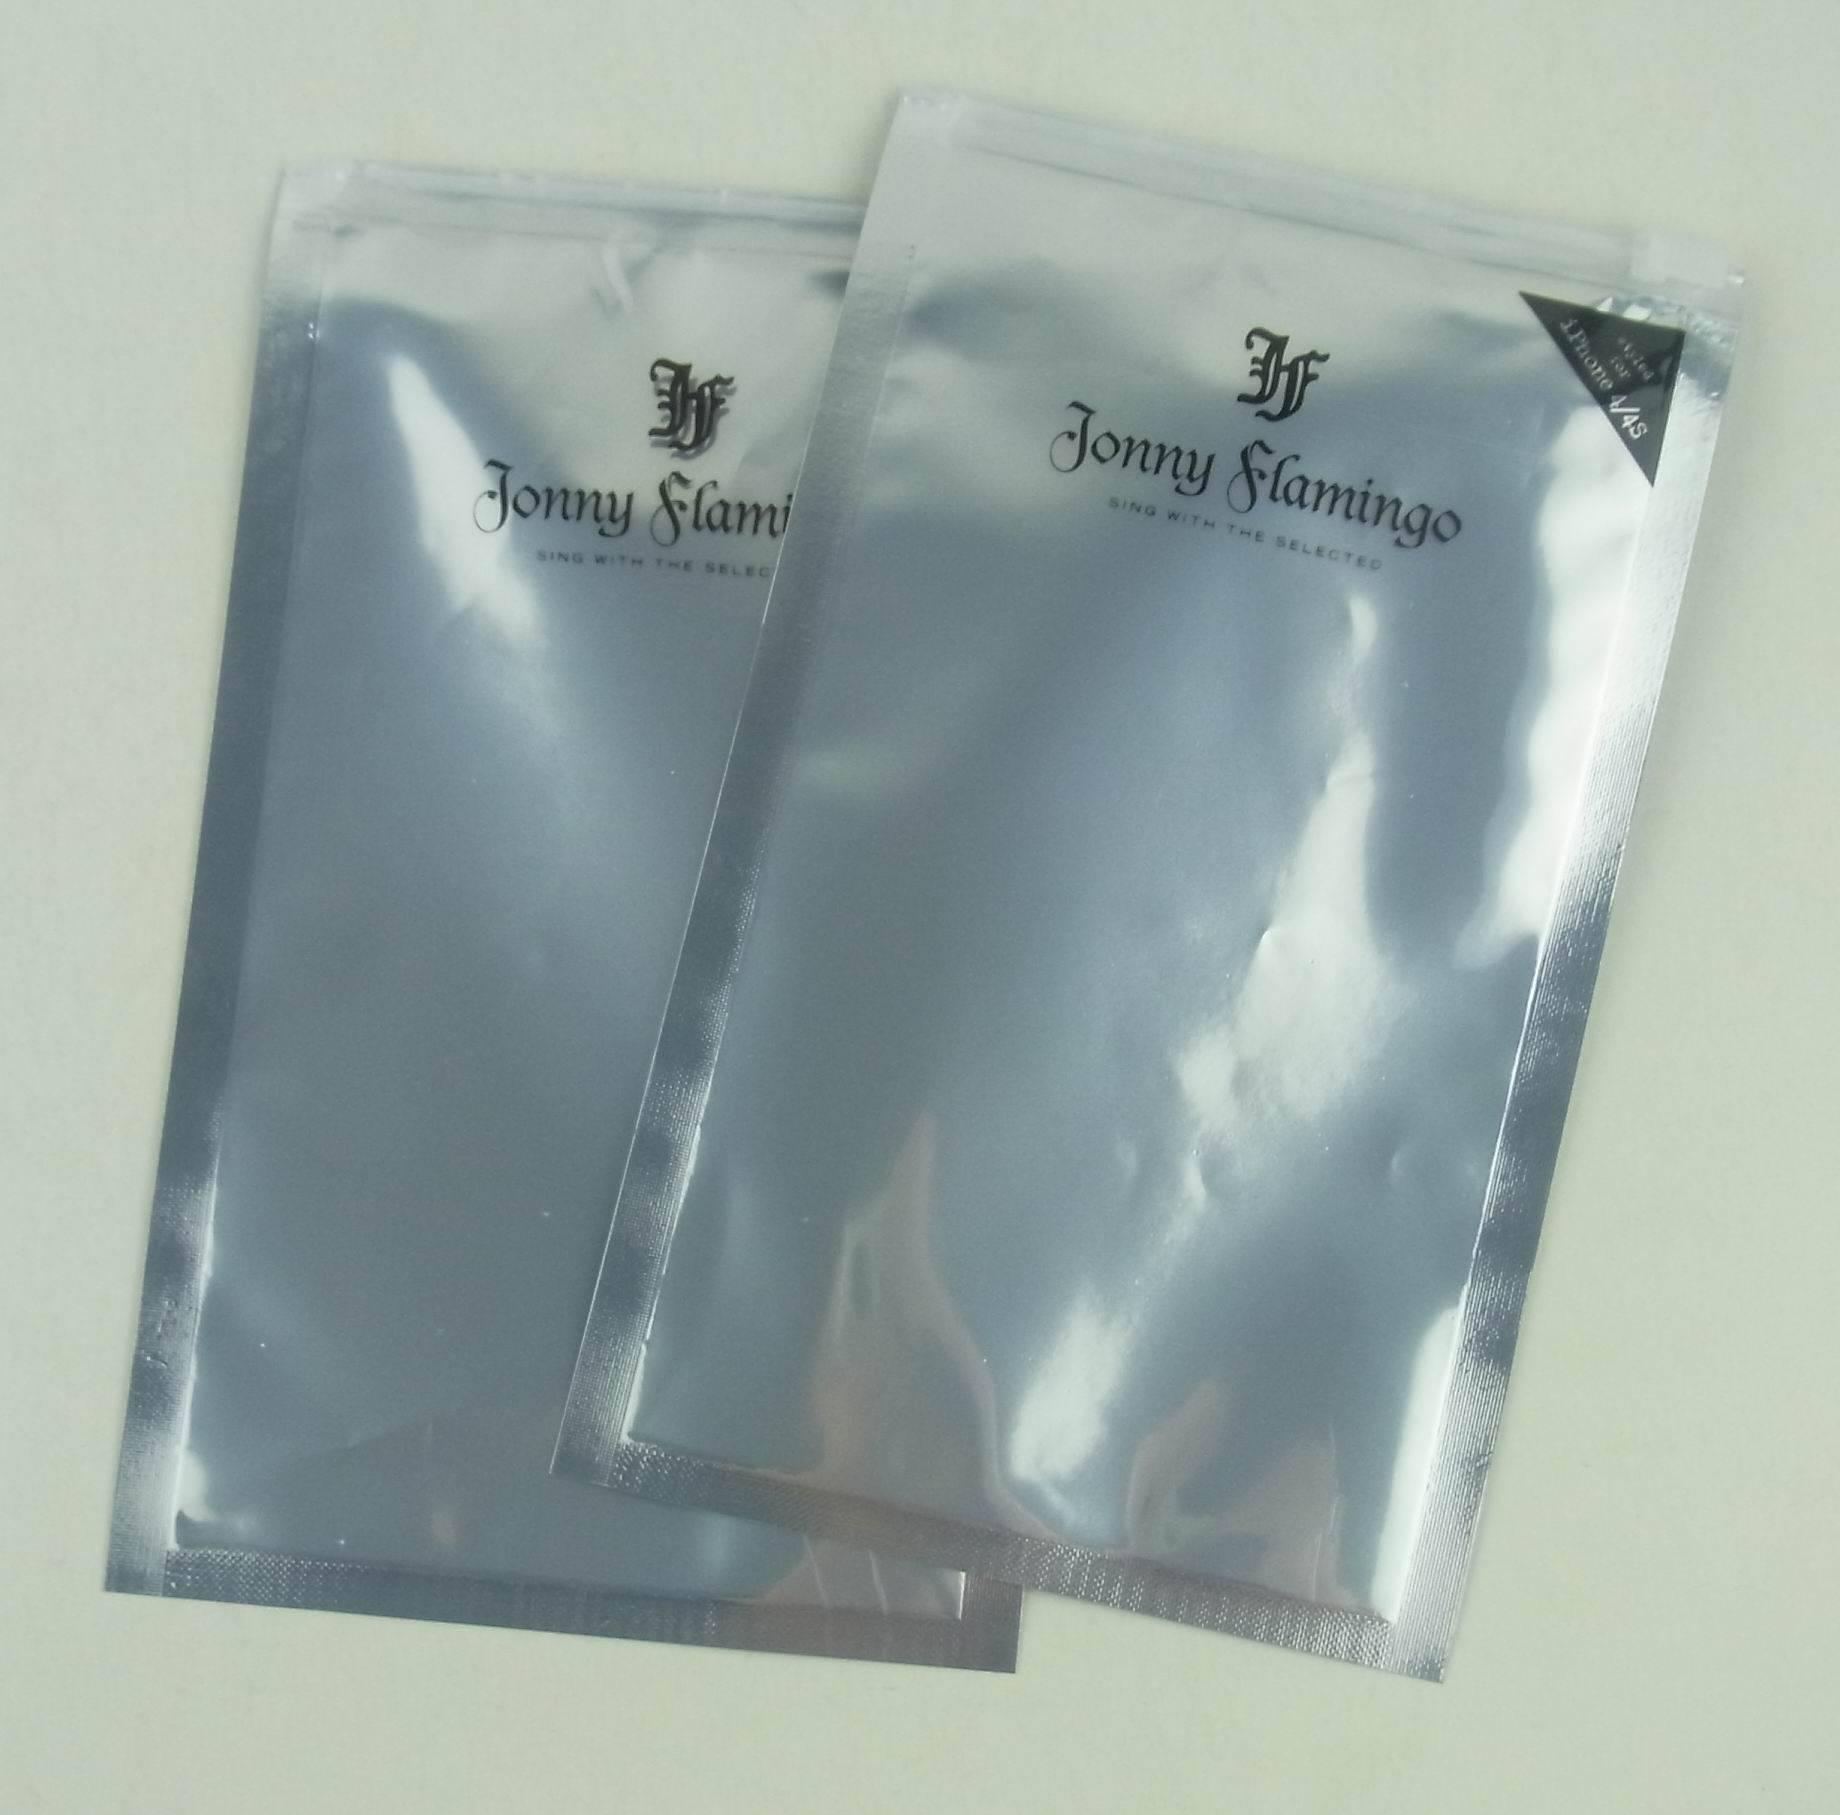 3 sides sealing mylar foil bag